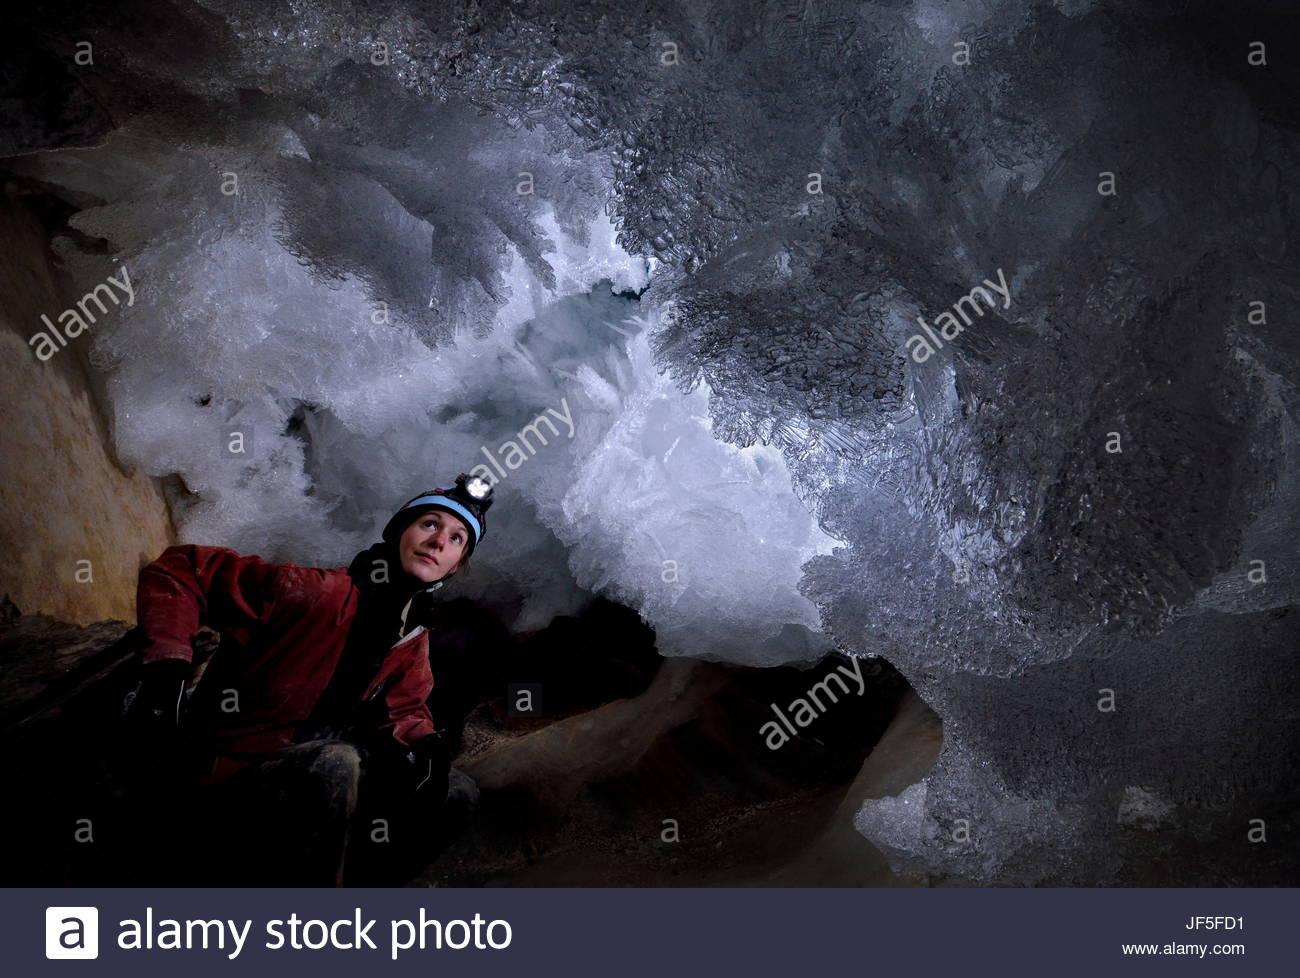 Un scientifique dates la caverne cryogénique de carbonates et examine les délicats cristaux de givre dans Photo Stock